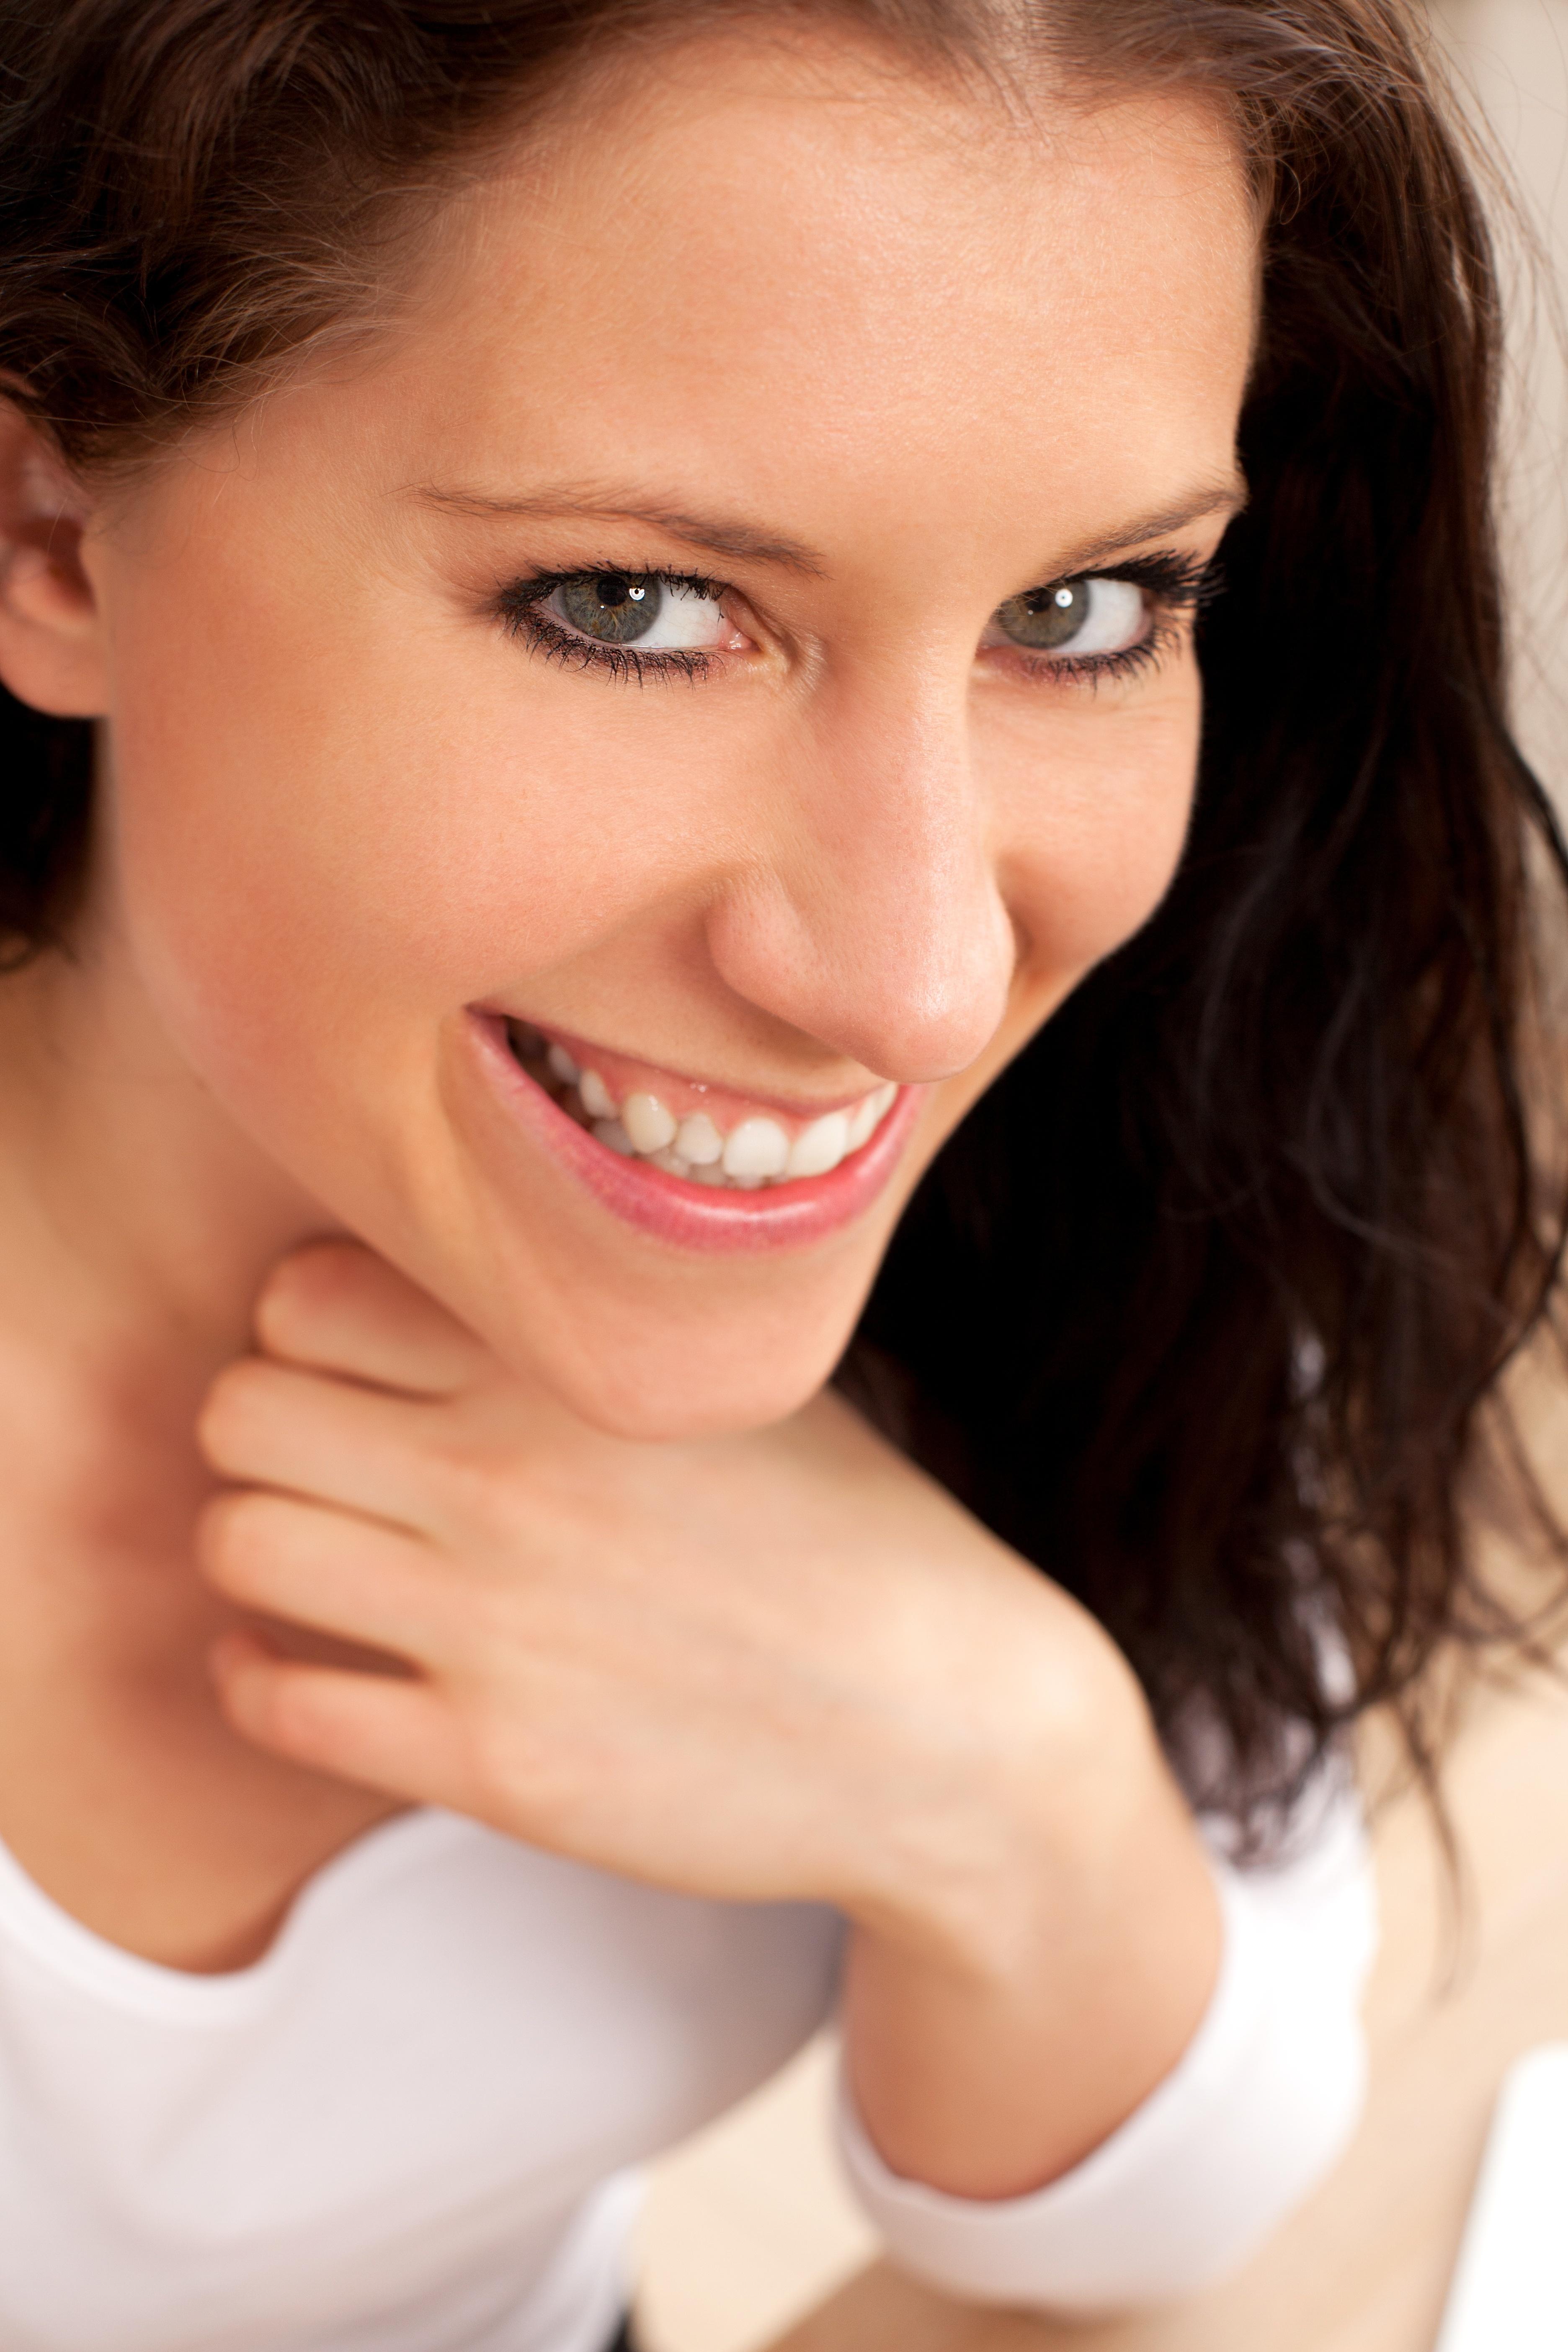 Cosmetic Dentist in Leonia